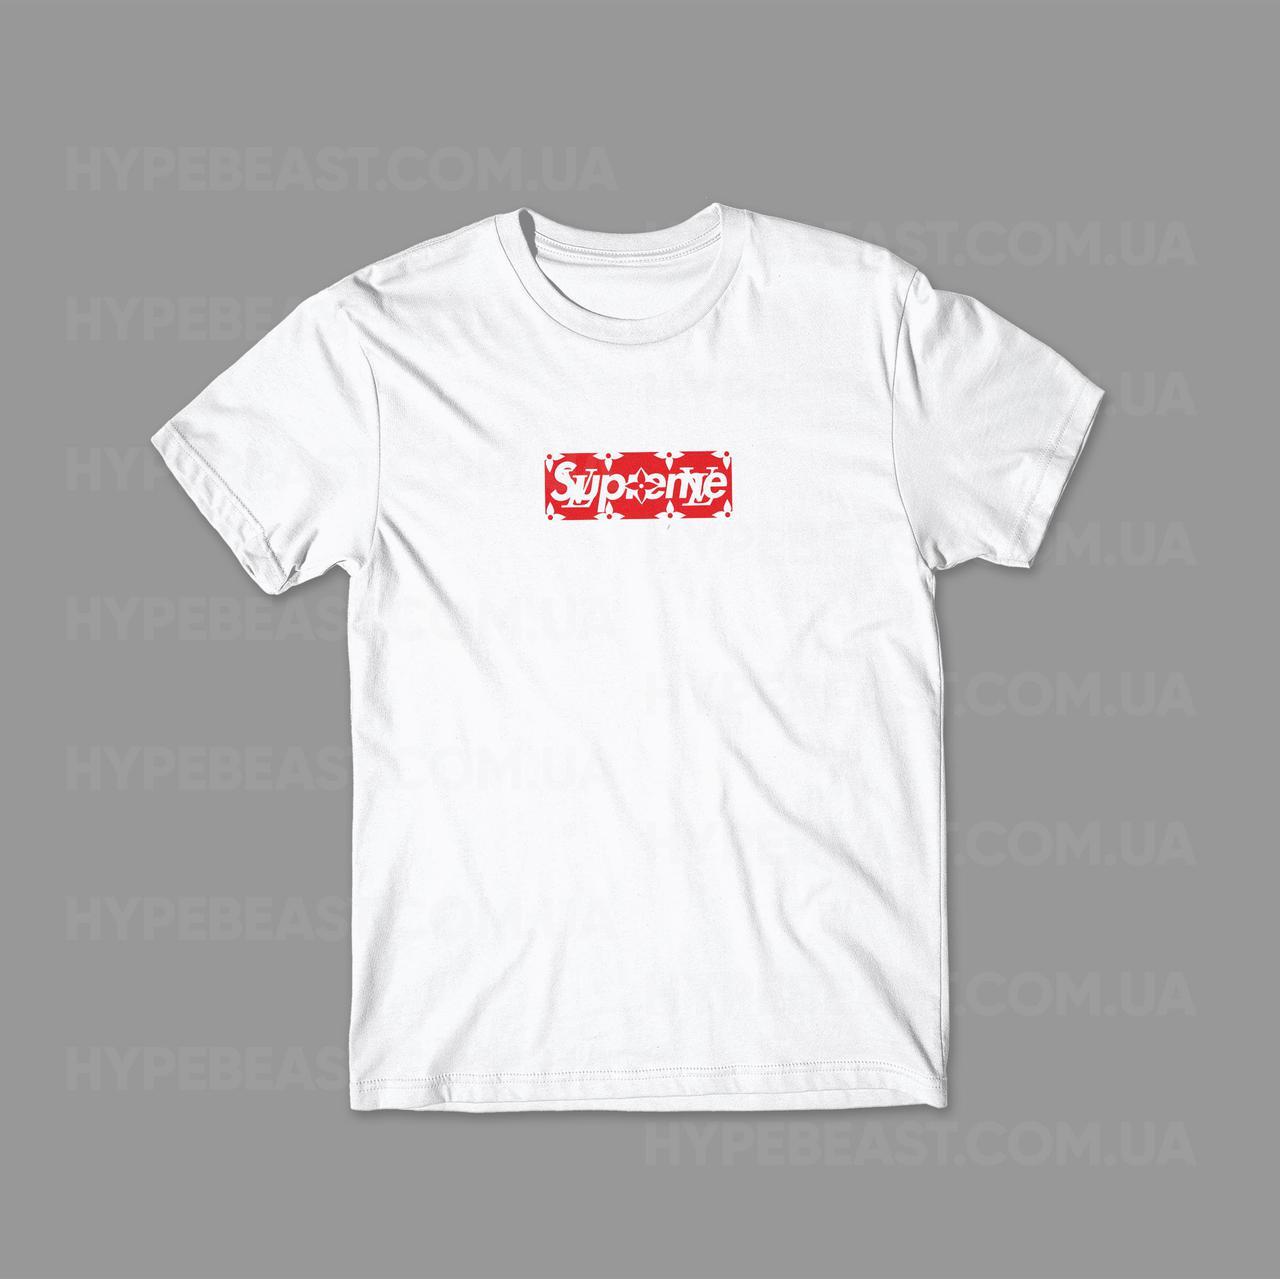 015c0300e10d Футболка Supreme x Louis Vuitton Box Logo   белая   с принтом   реплика